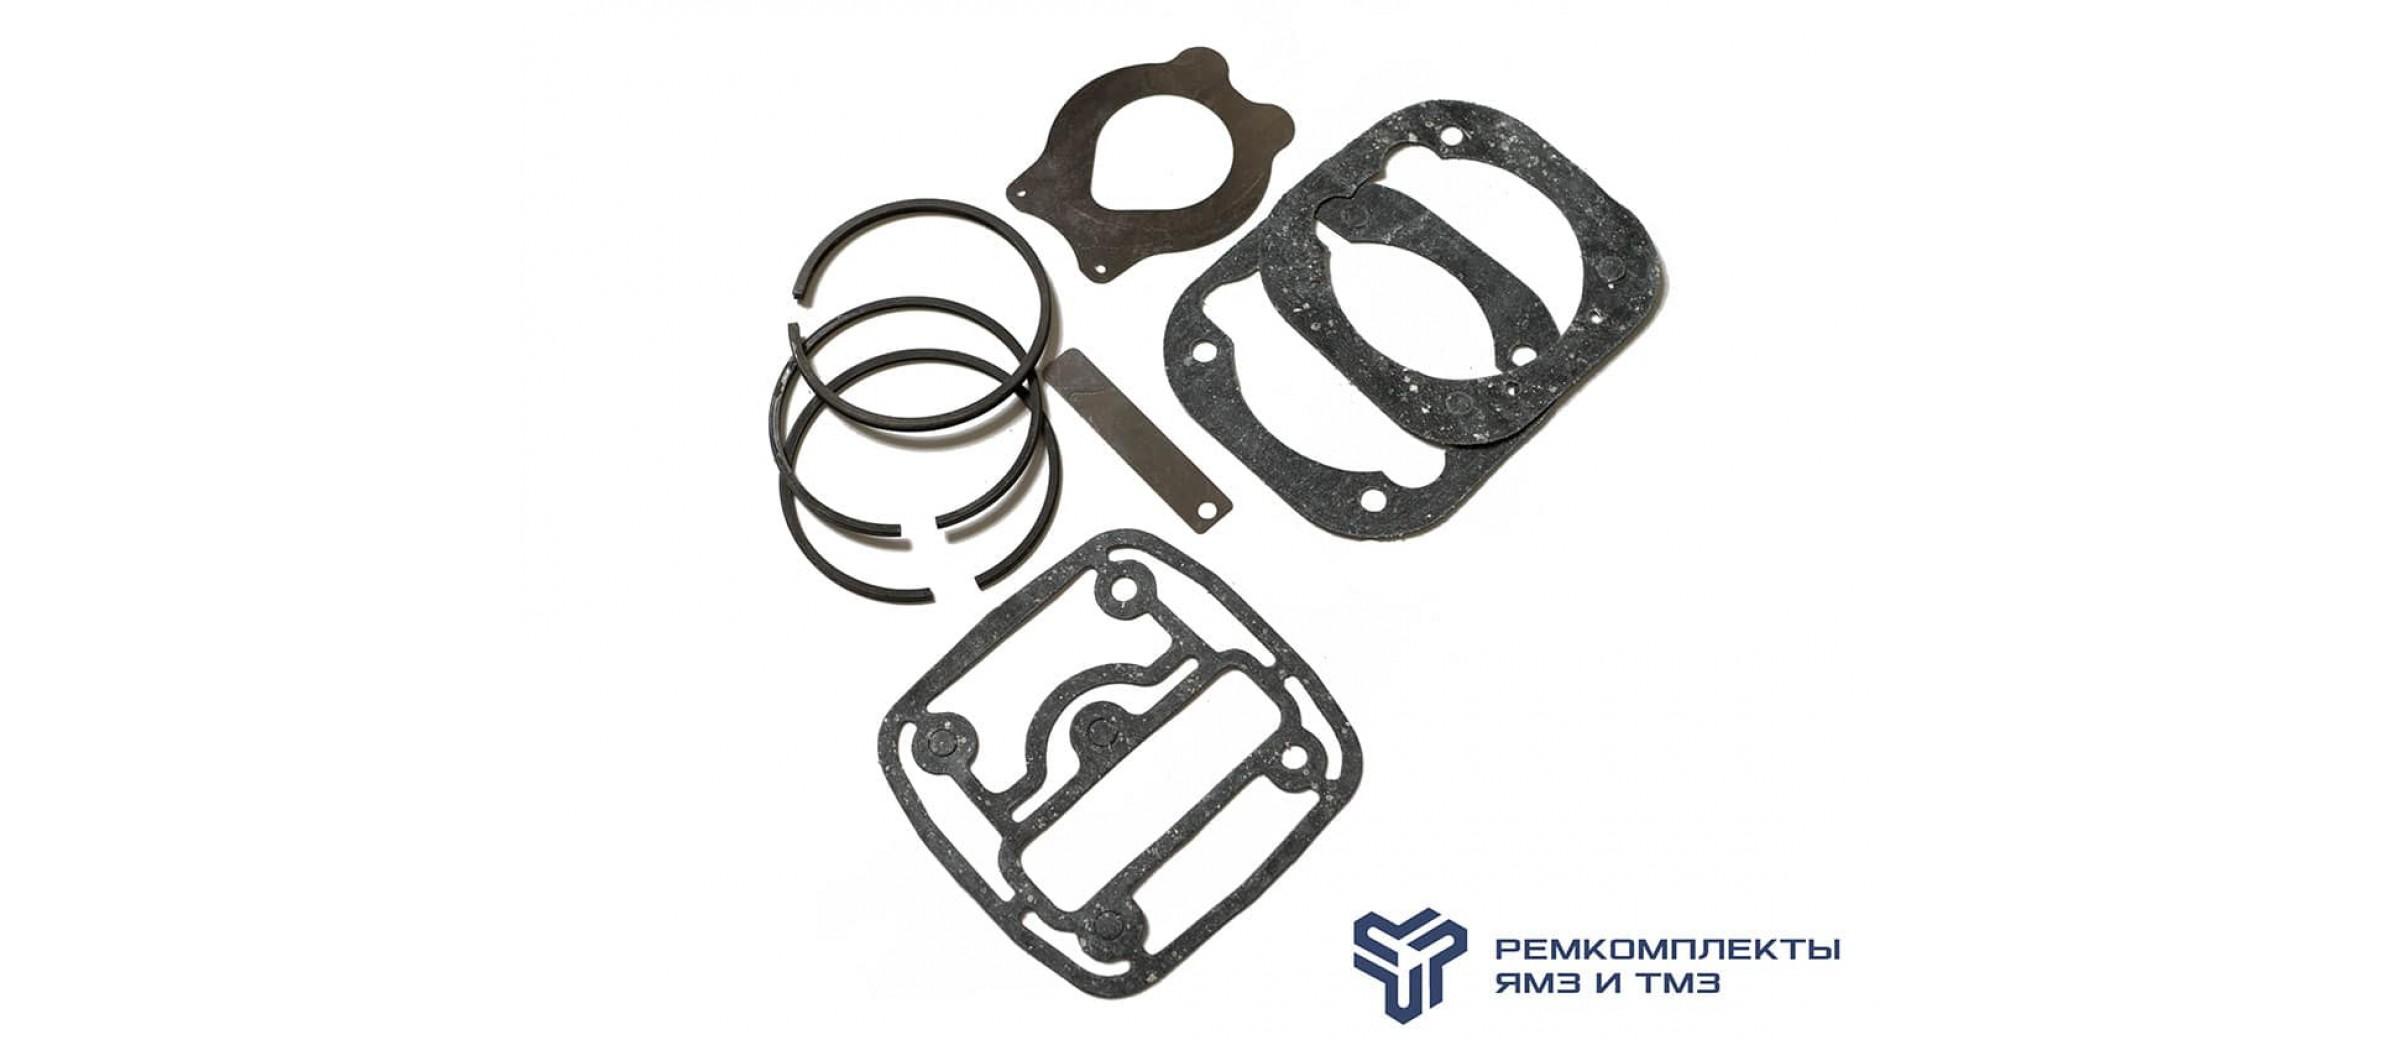 Ремкомплект компрессора  53205,18 (прокладка, клапана,кольца)